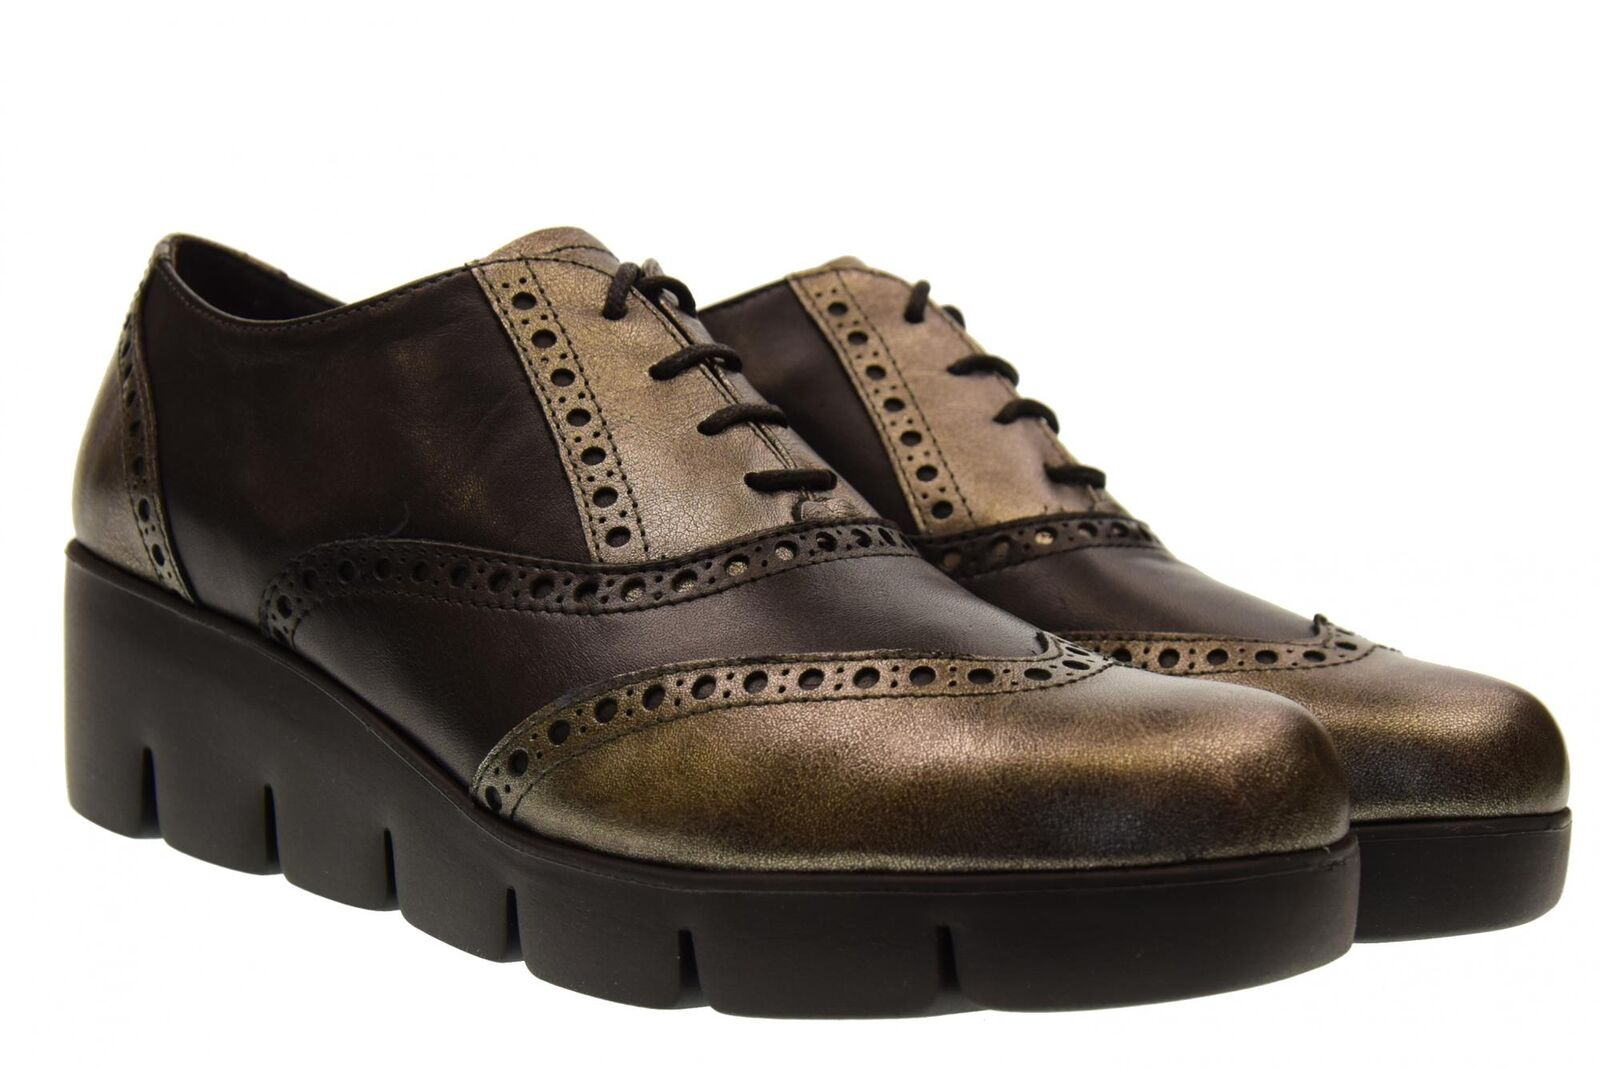 The Flexx scarpe donna classiche con zeppa B254 13 NEW TRALLS A18